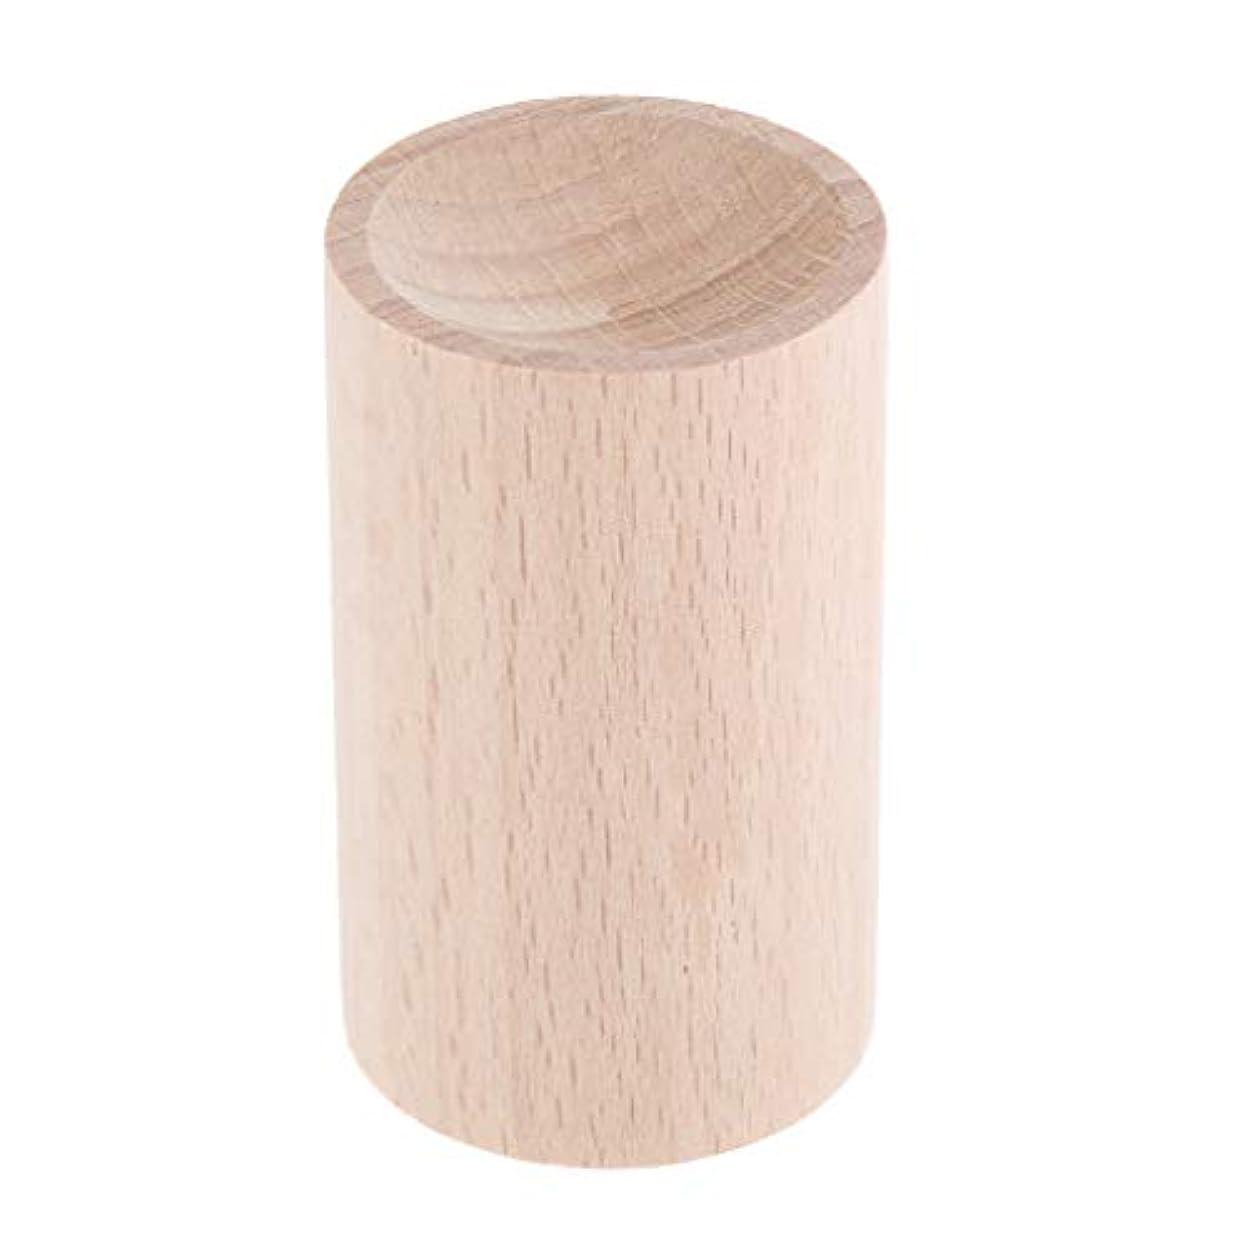 準備ができて芽経歴D DOLITY 天然木 ハンドメイド 手作り 空気清浄 エッセンシャルオイル 香水 アロマディフューザー 2種選ぶ - 01, 3.2cm